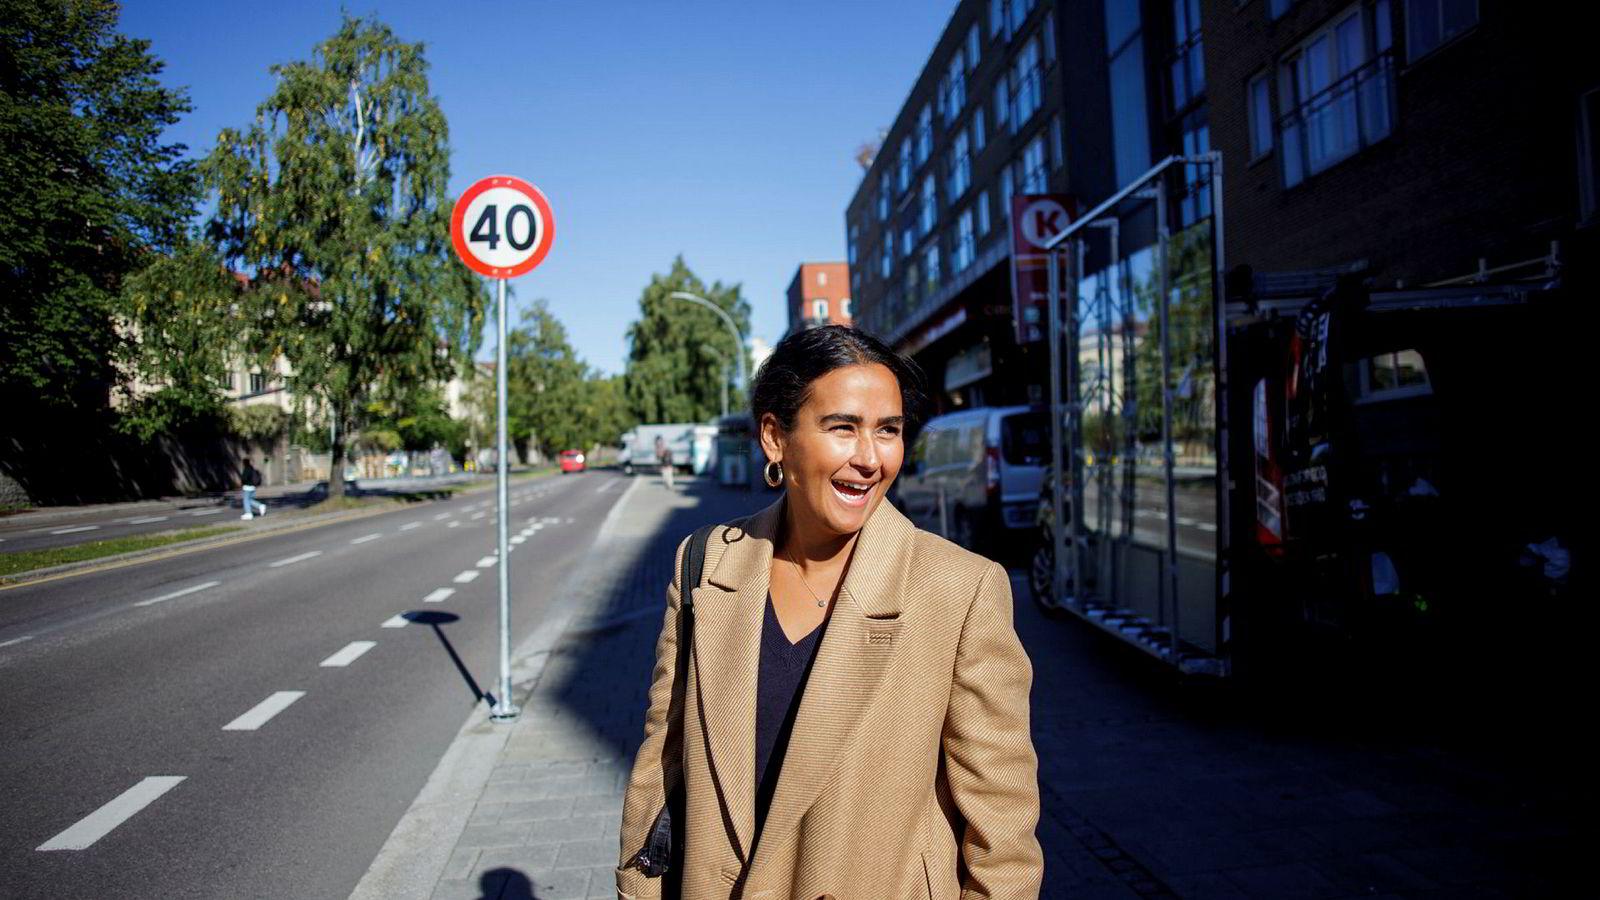 Nora Ibrahim (29) er produsent for NRKs ungdomsserie «17». Fra 1. oktober tar hun også over som konstituert leder av NRK P3s tv-redaksjon etter Håkon Moslet (45), som flytter over til nyhetene.